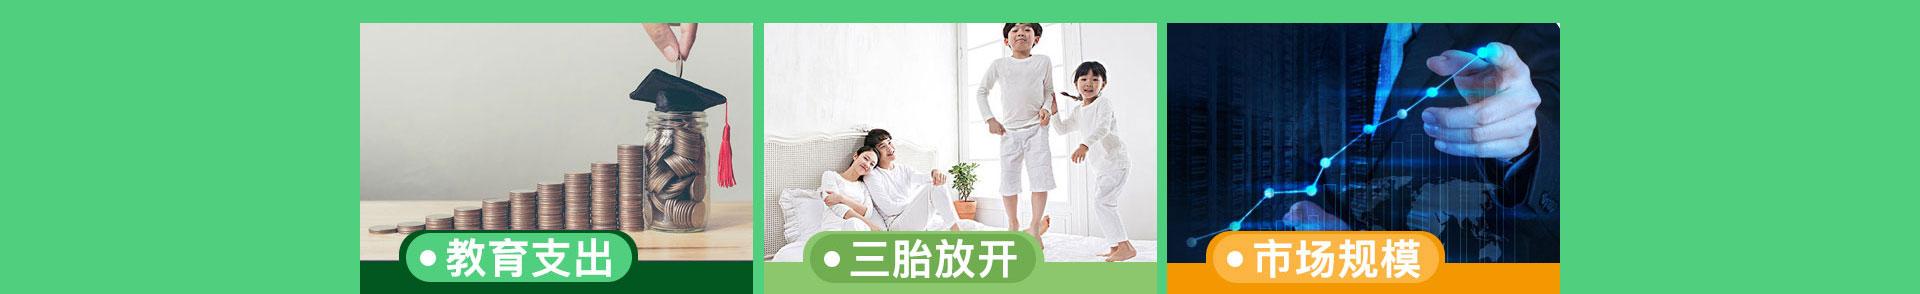 香港艾乐国际幼儿园al_06